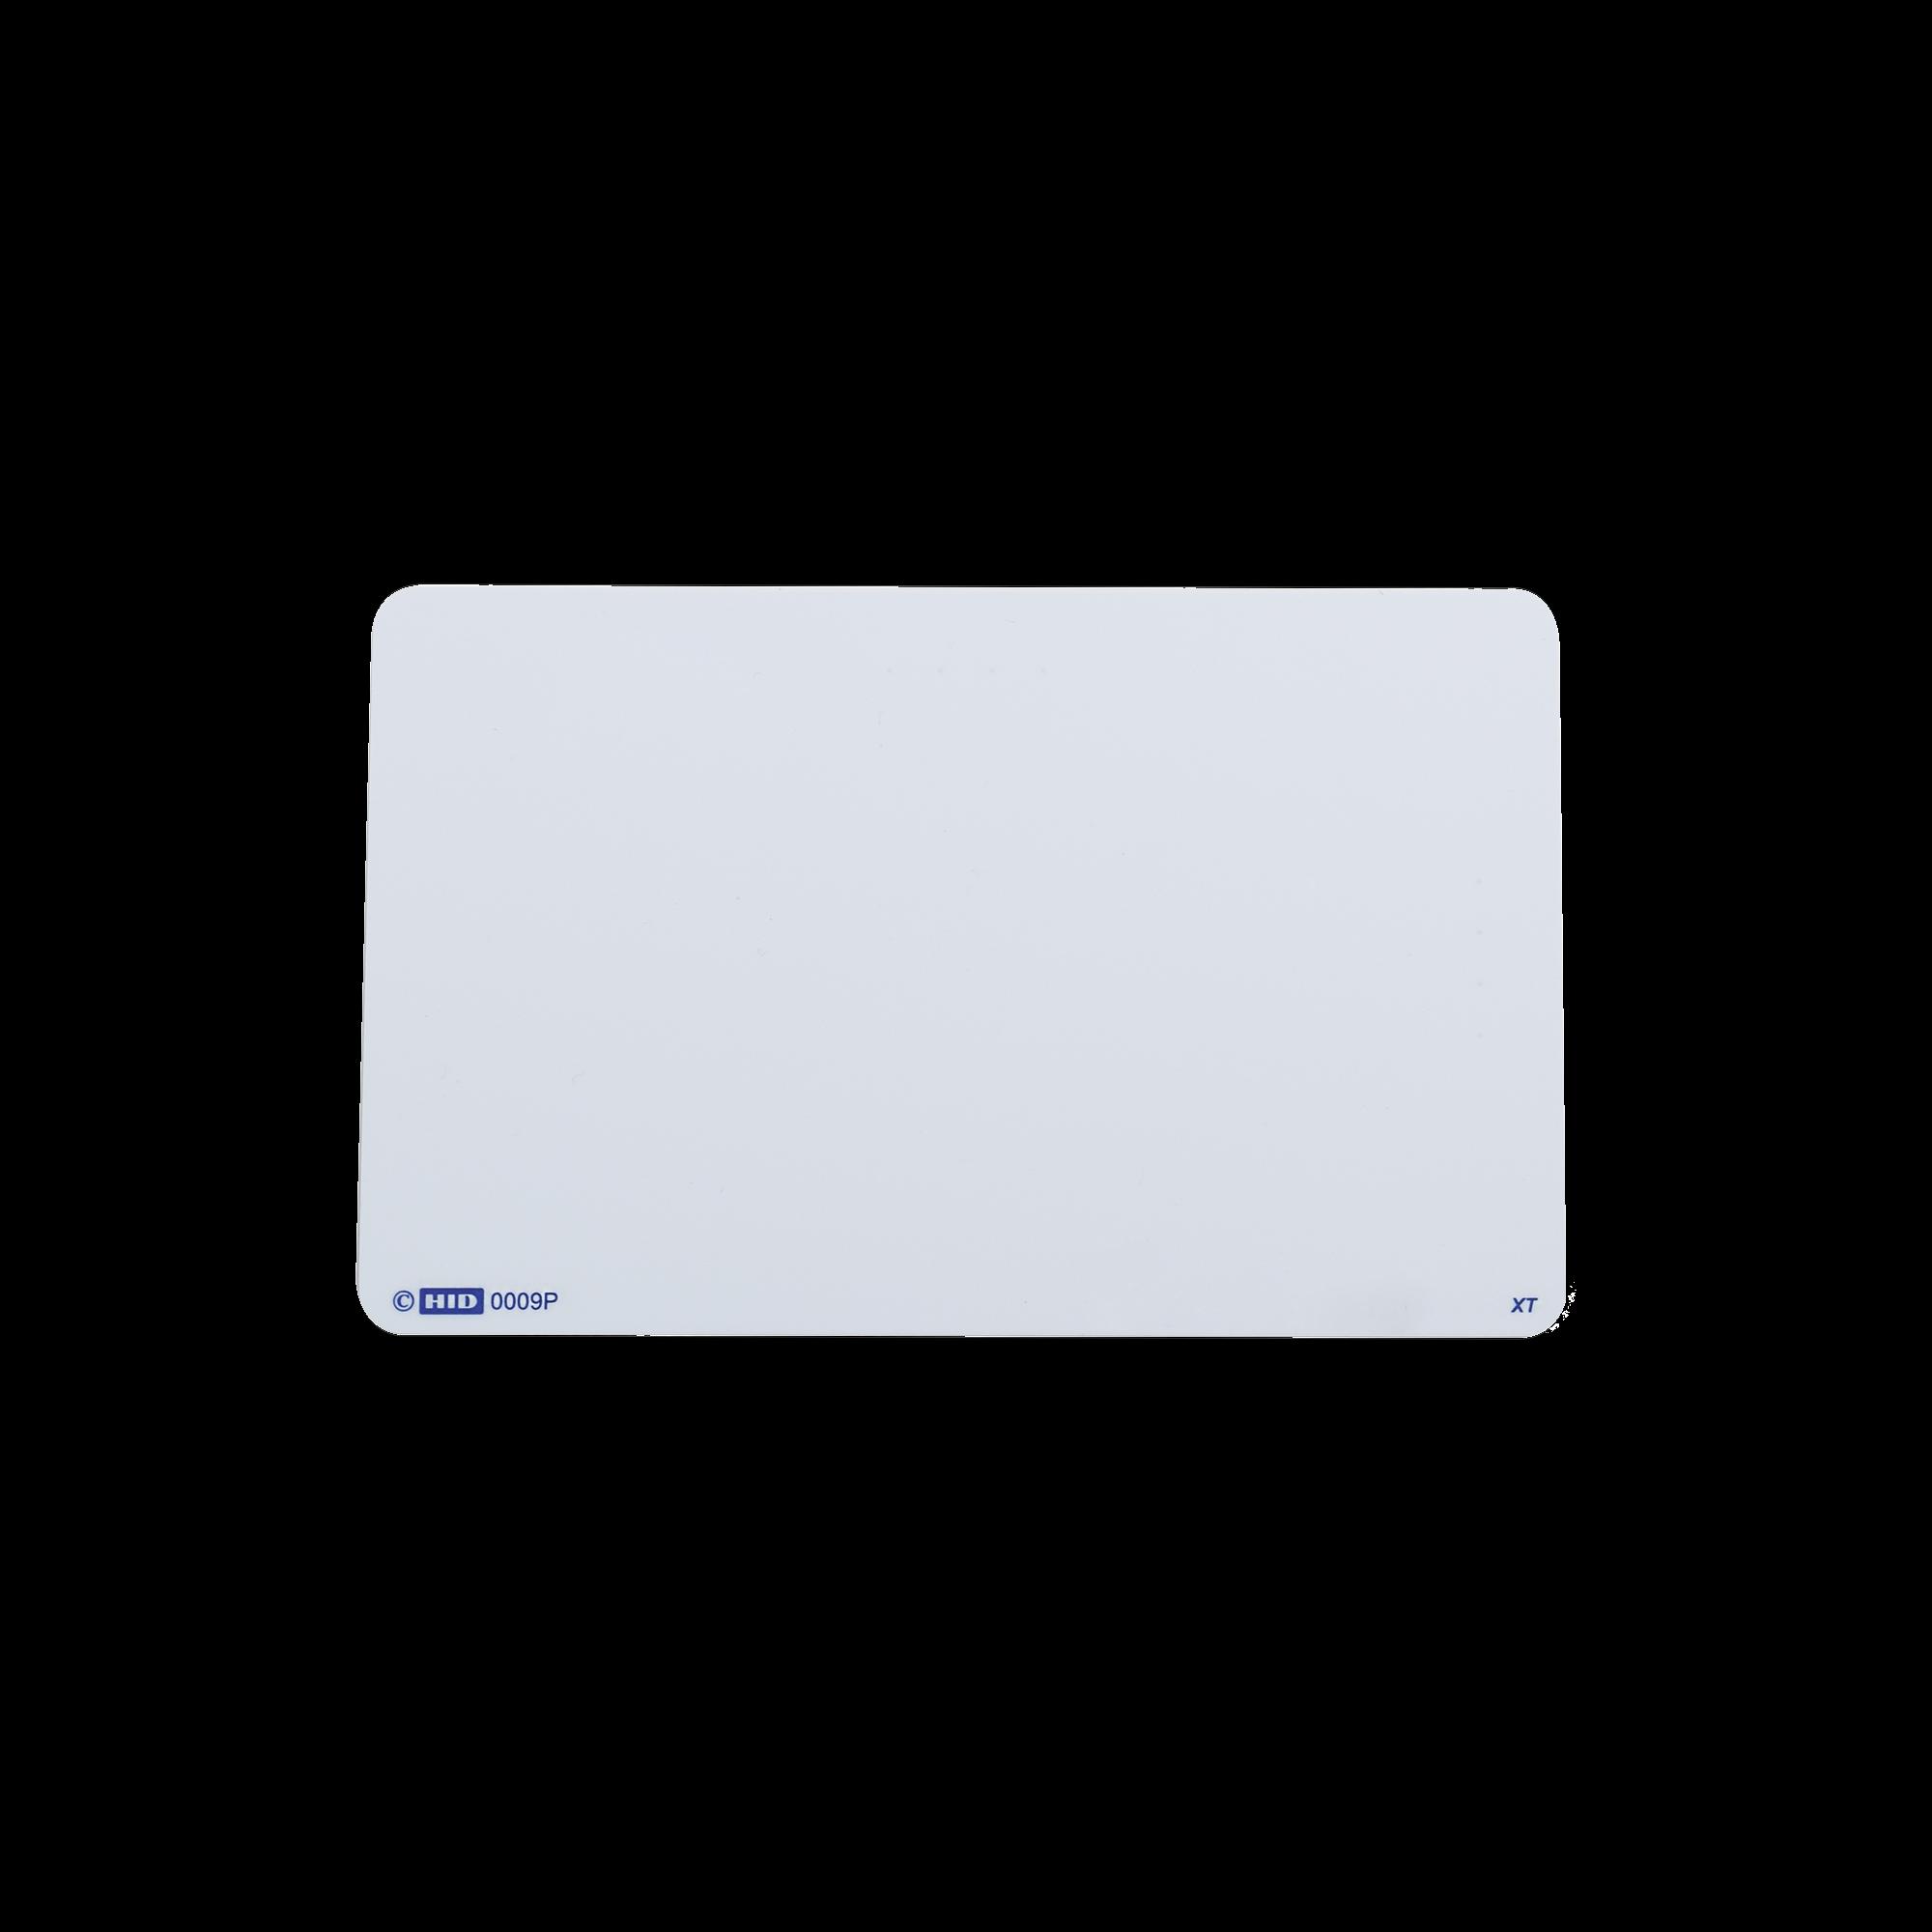 Paquete de 50 pcs de tarjetas ISOPROX Keyscan 36 bits